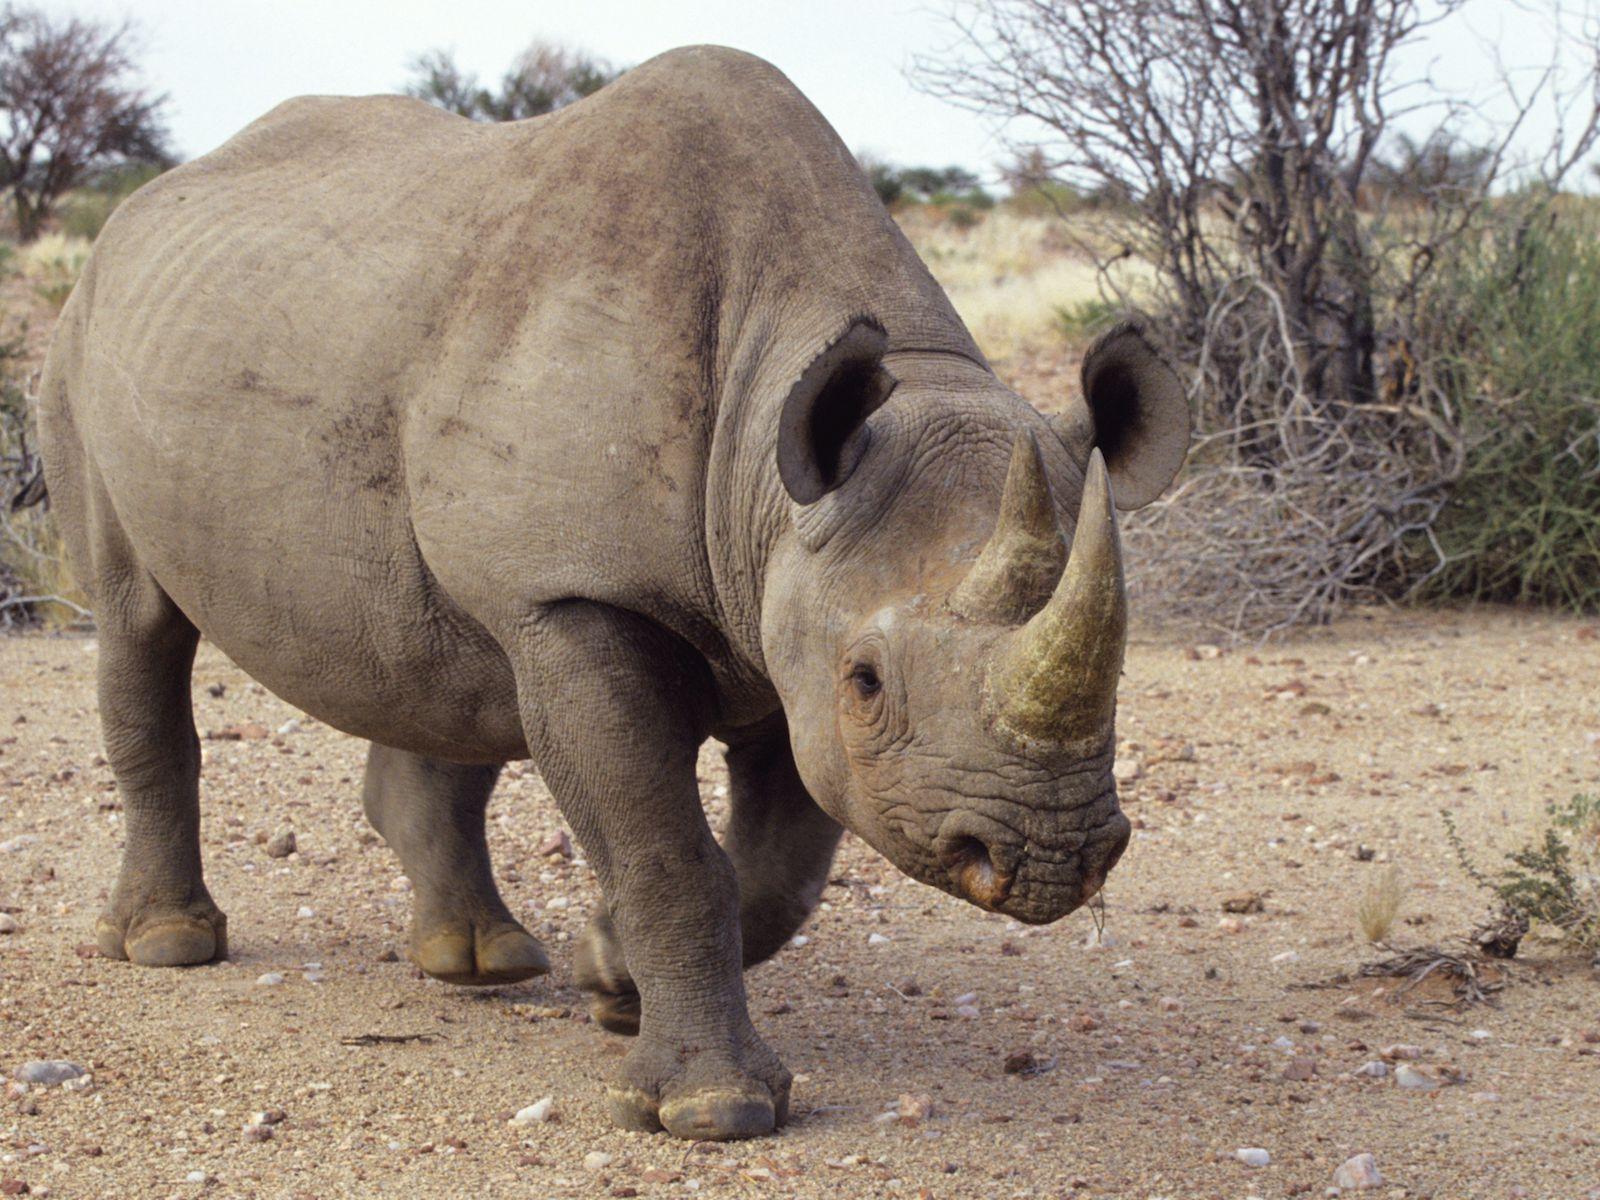 Rhinoceros Habitat Behavior And Diet